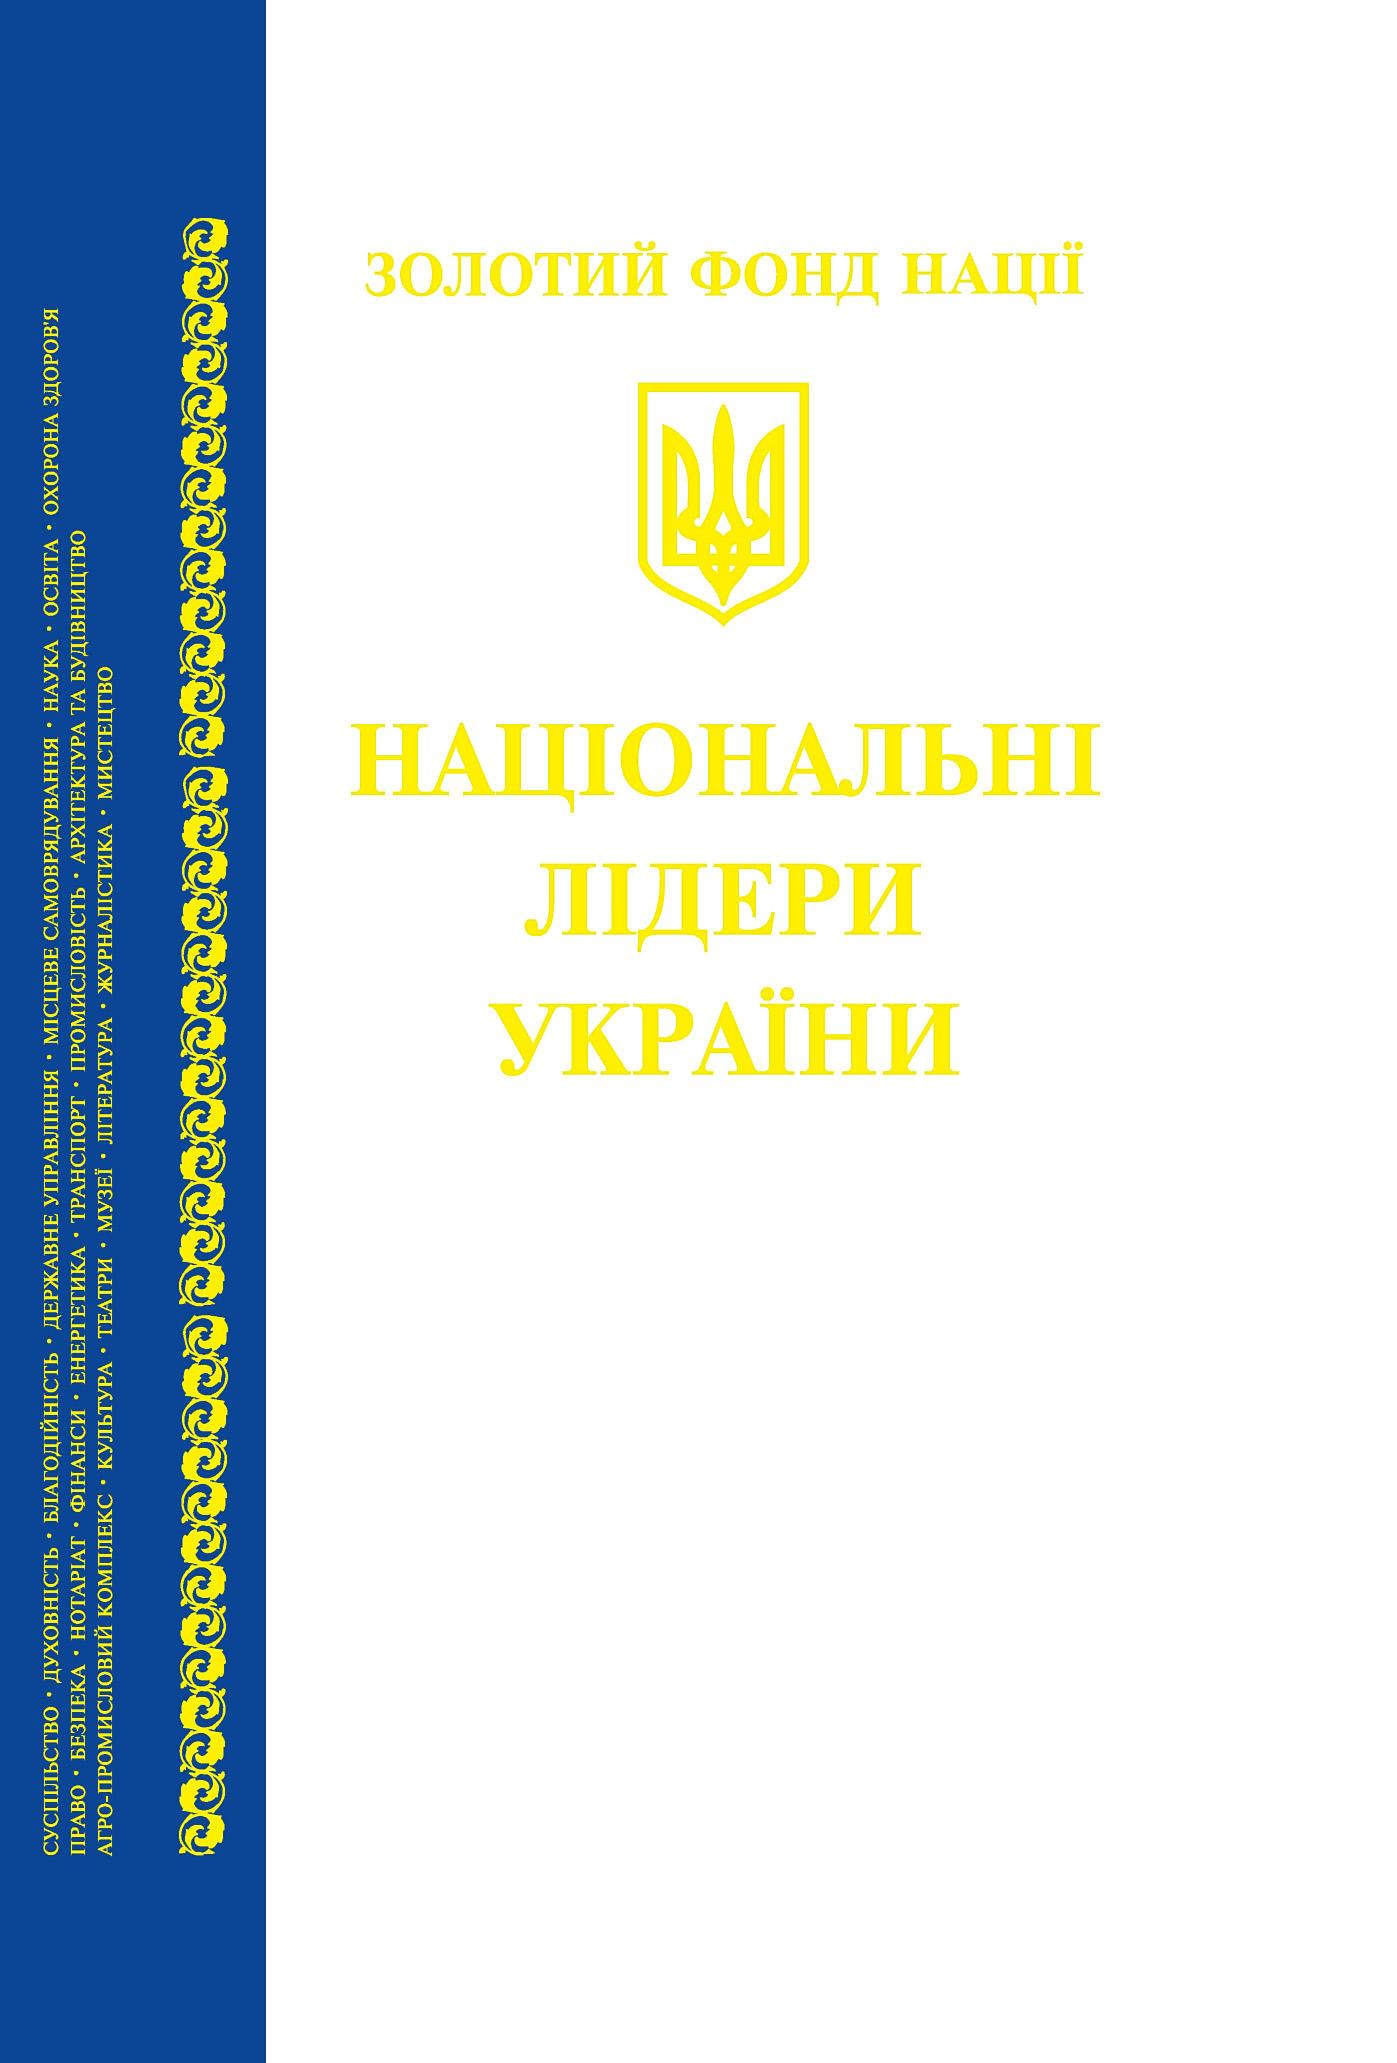 Національні лідери України. Видання друге з доповненнями і змінами